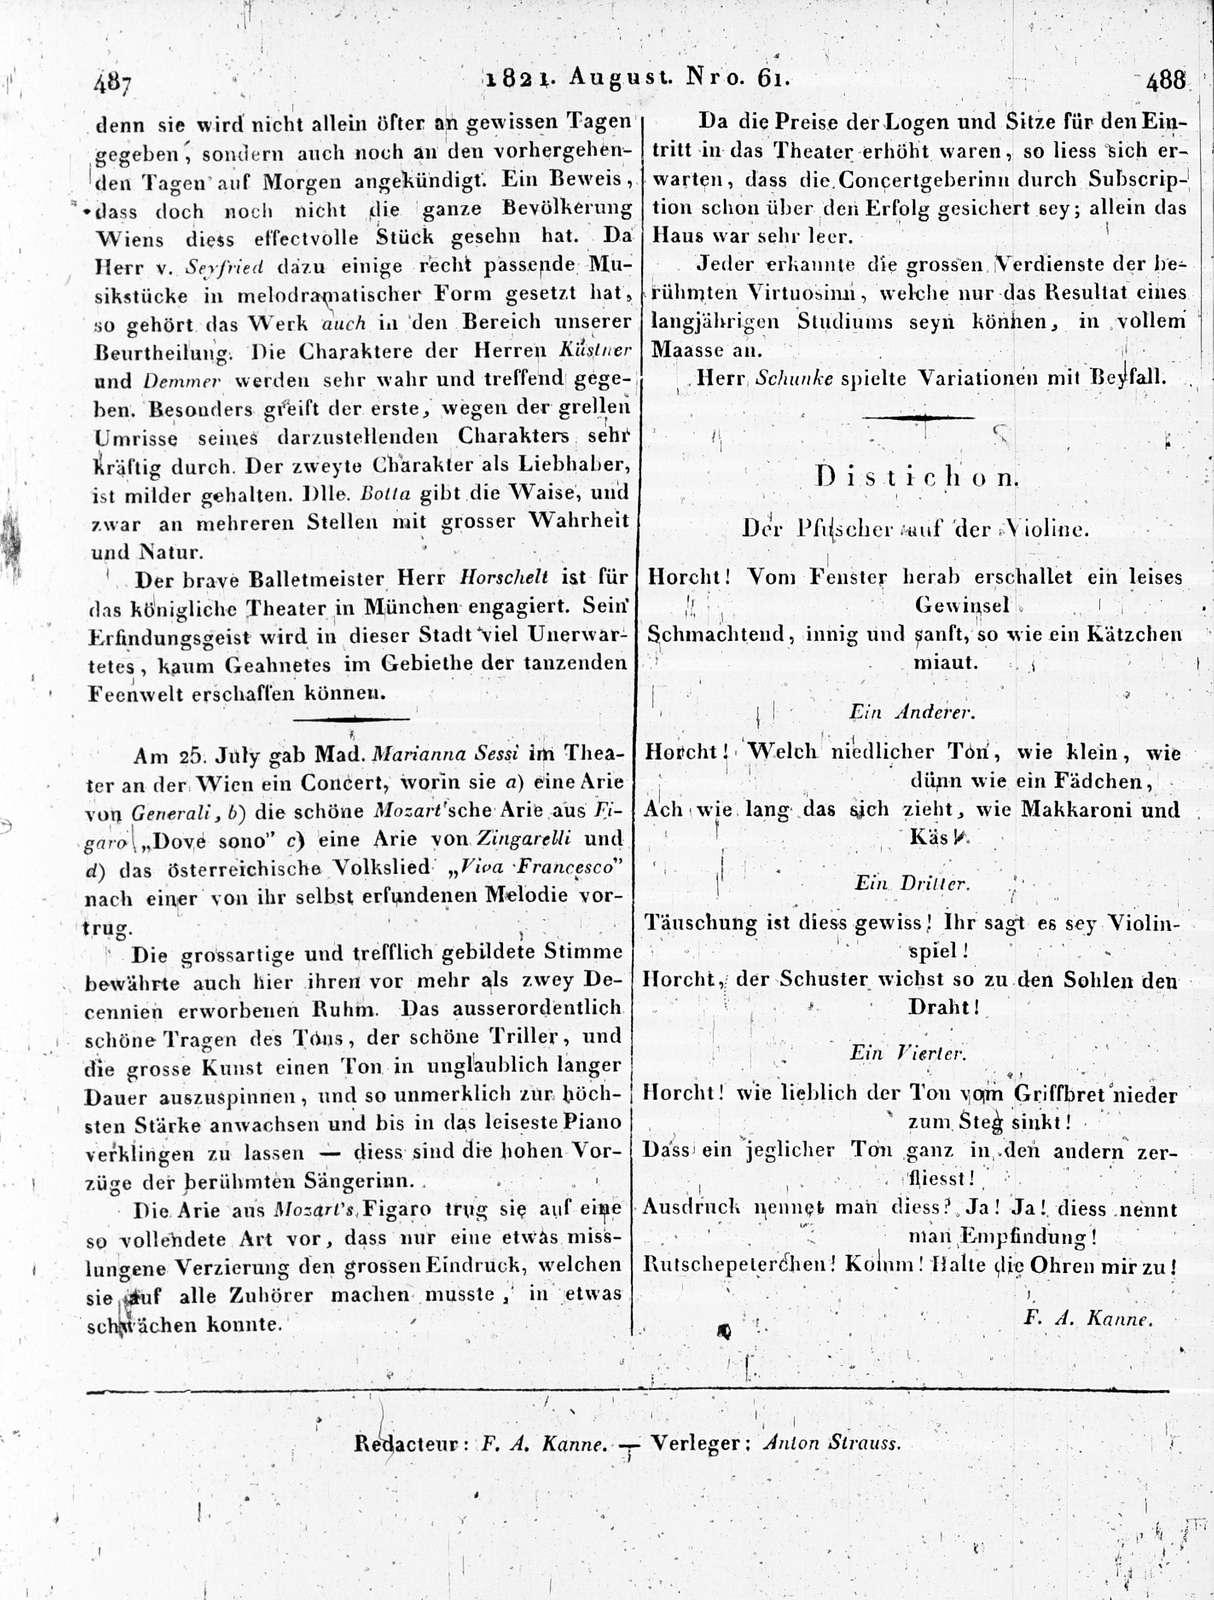 Allgemeine Musikalische Zeitung, Vol. 5, no. 61